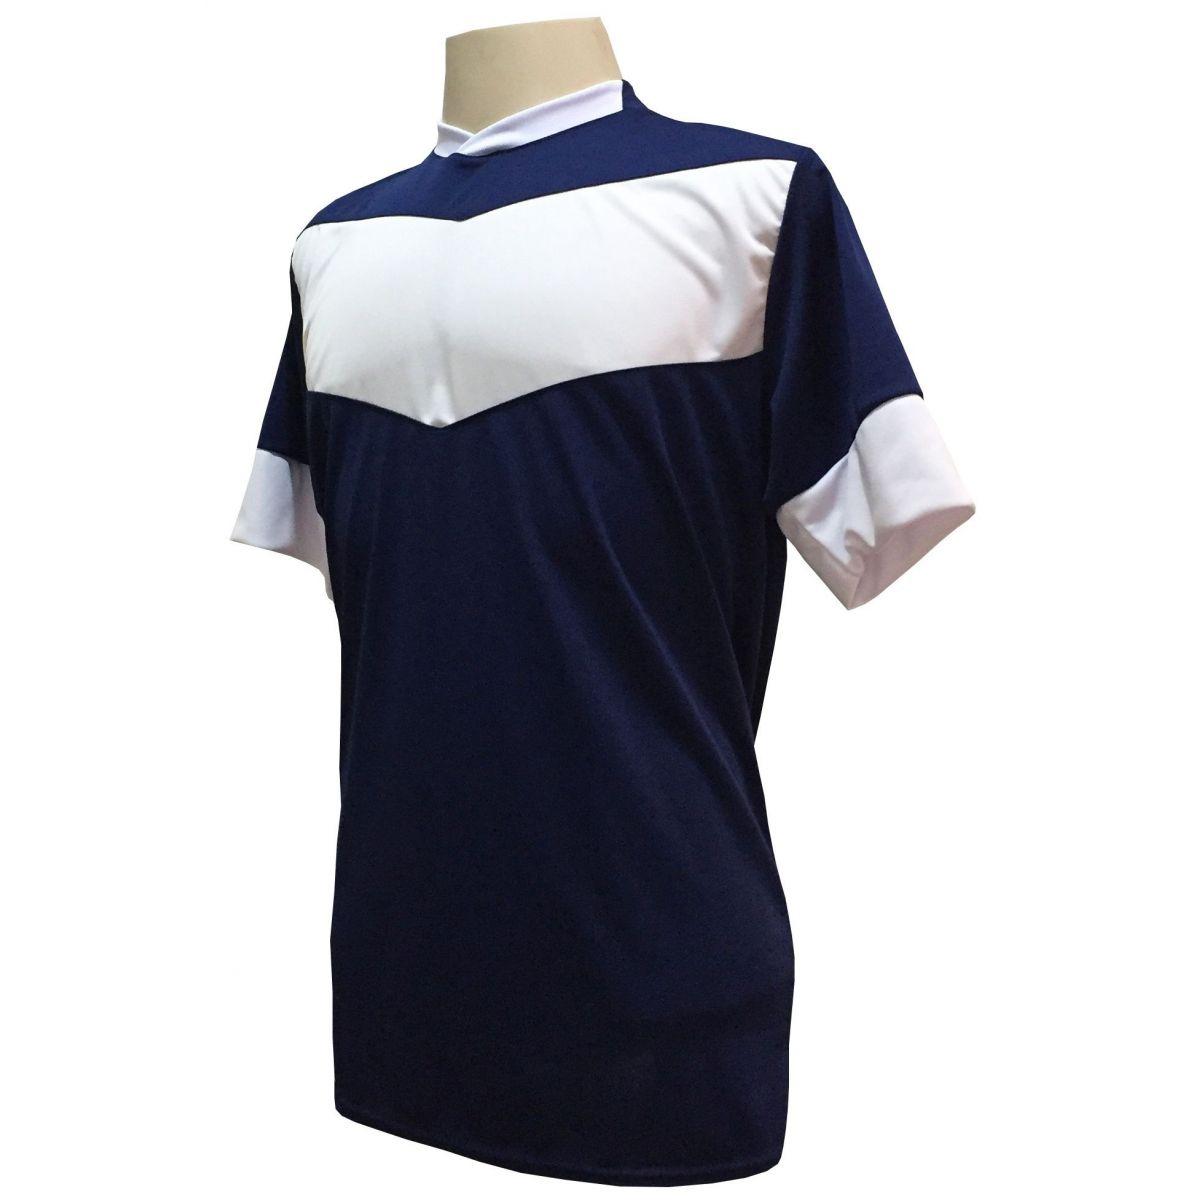 Uniforme Esportivo com 18 camisas modelo Columbus Marinho/Branco + 18 calções modelo Madrid + 1 Goleiro + Brindes